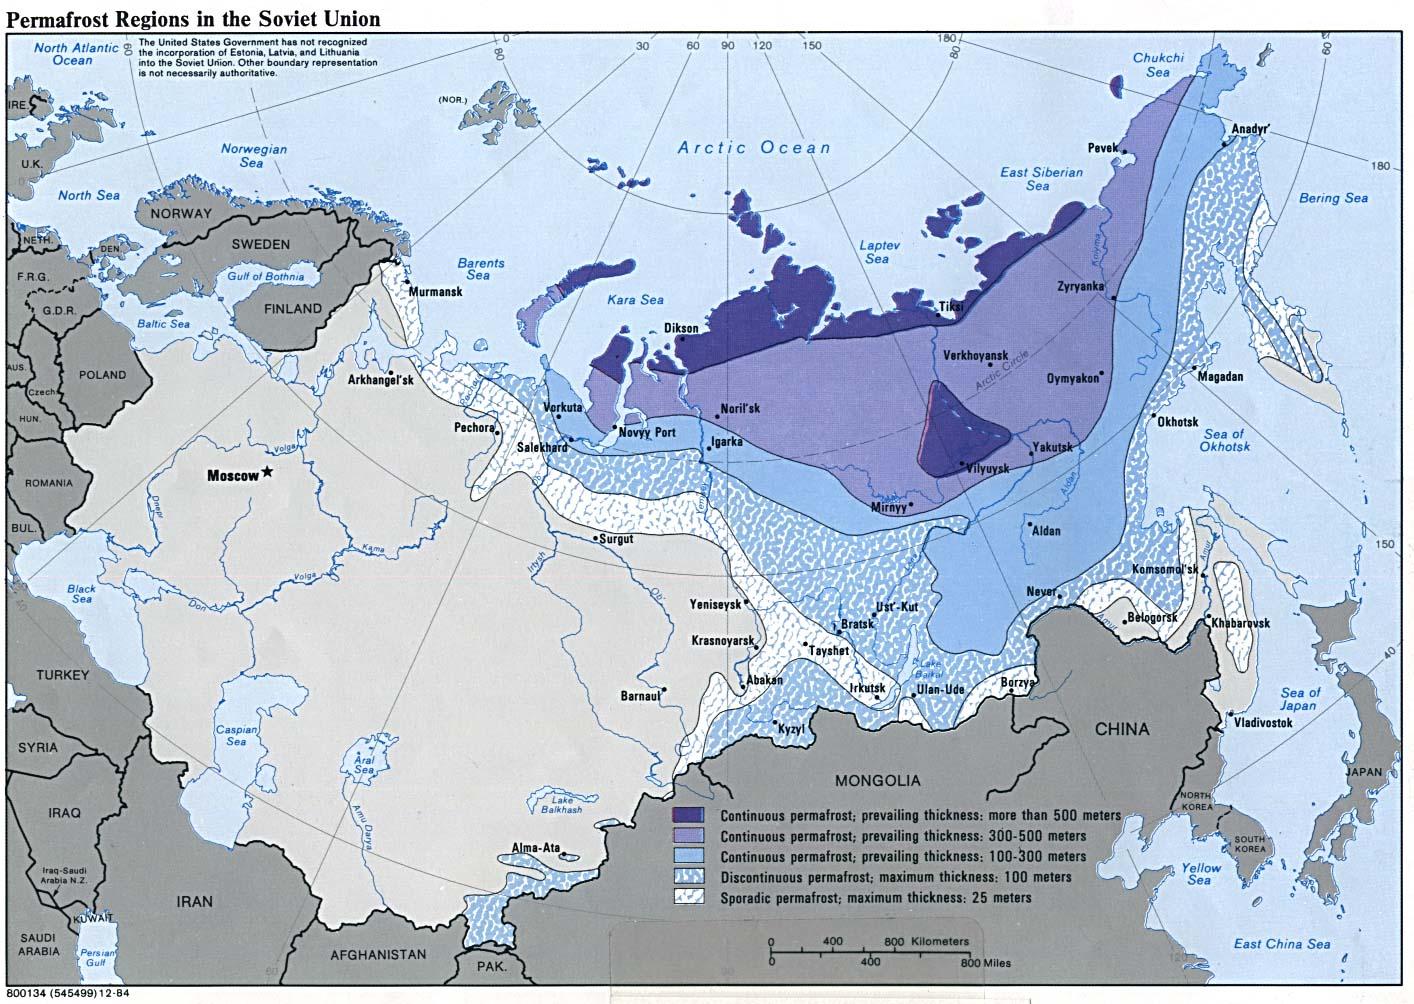 Unión Soviética Permafrost Regions Mapa 1984.